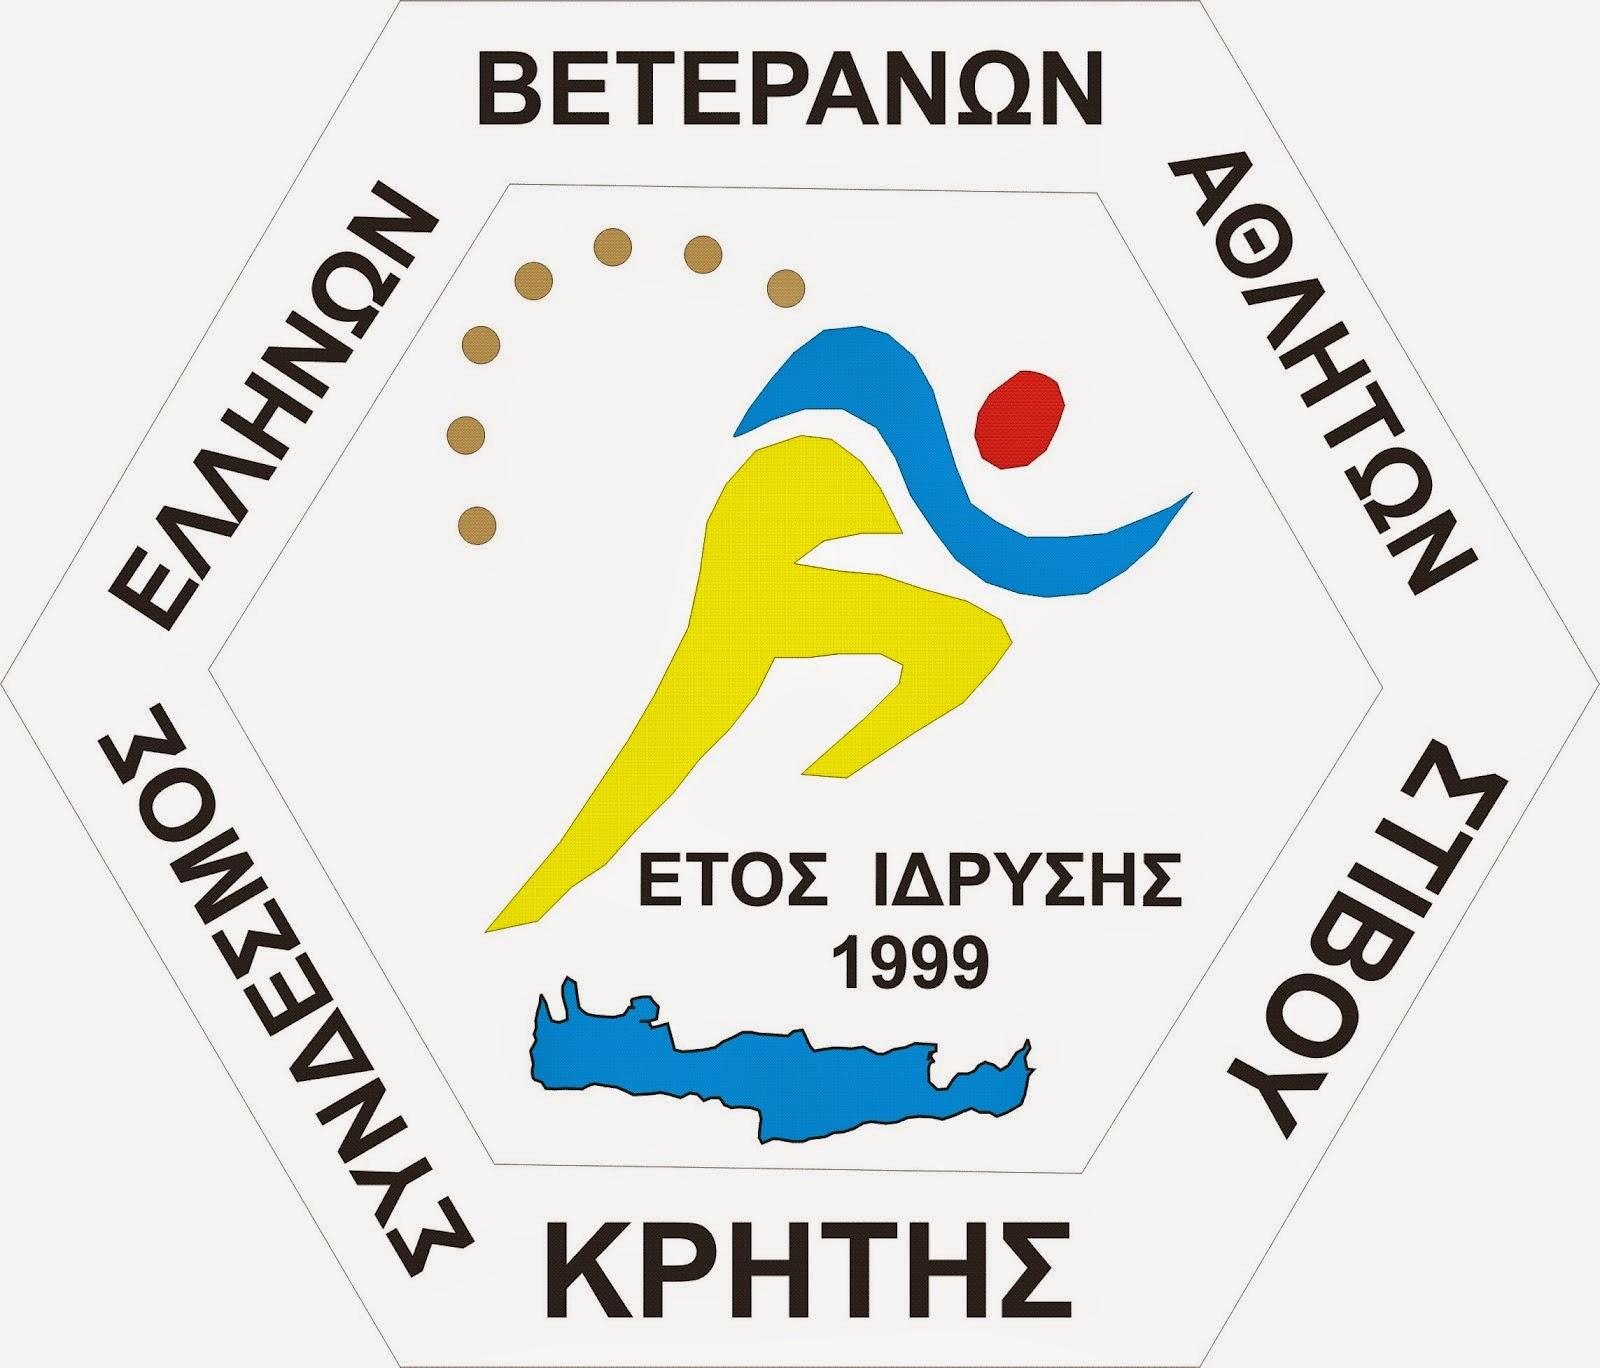 http://kretemastersathlets.blogspot.gr